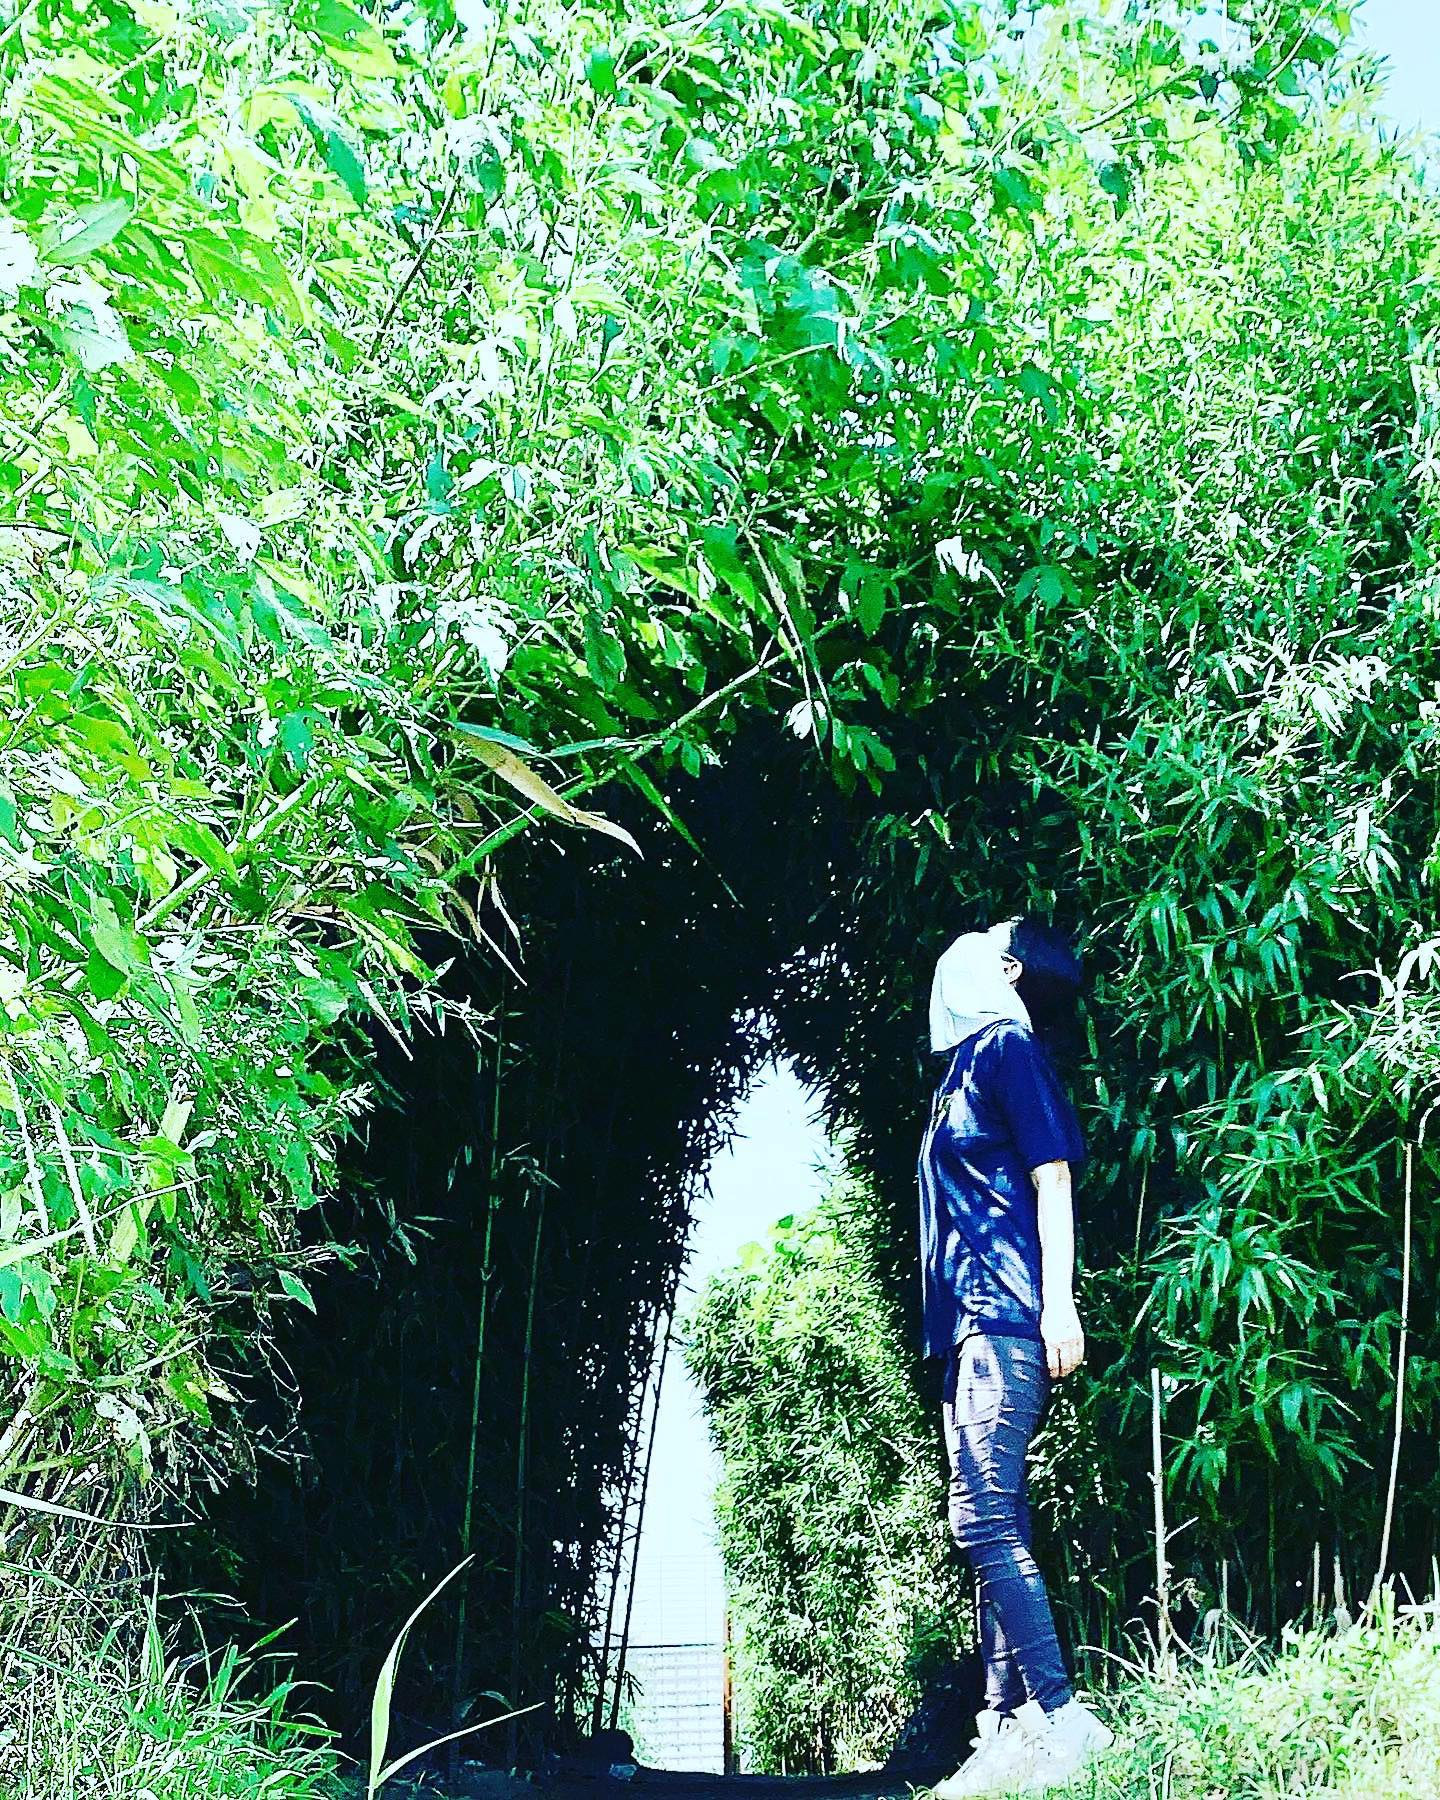 口コミ投稿:土曜日の野球の付き添いは暑かった😵謎な竹藪のトンネルでひと休憩🎋.そんな暑い日に助…